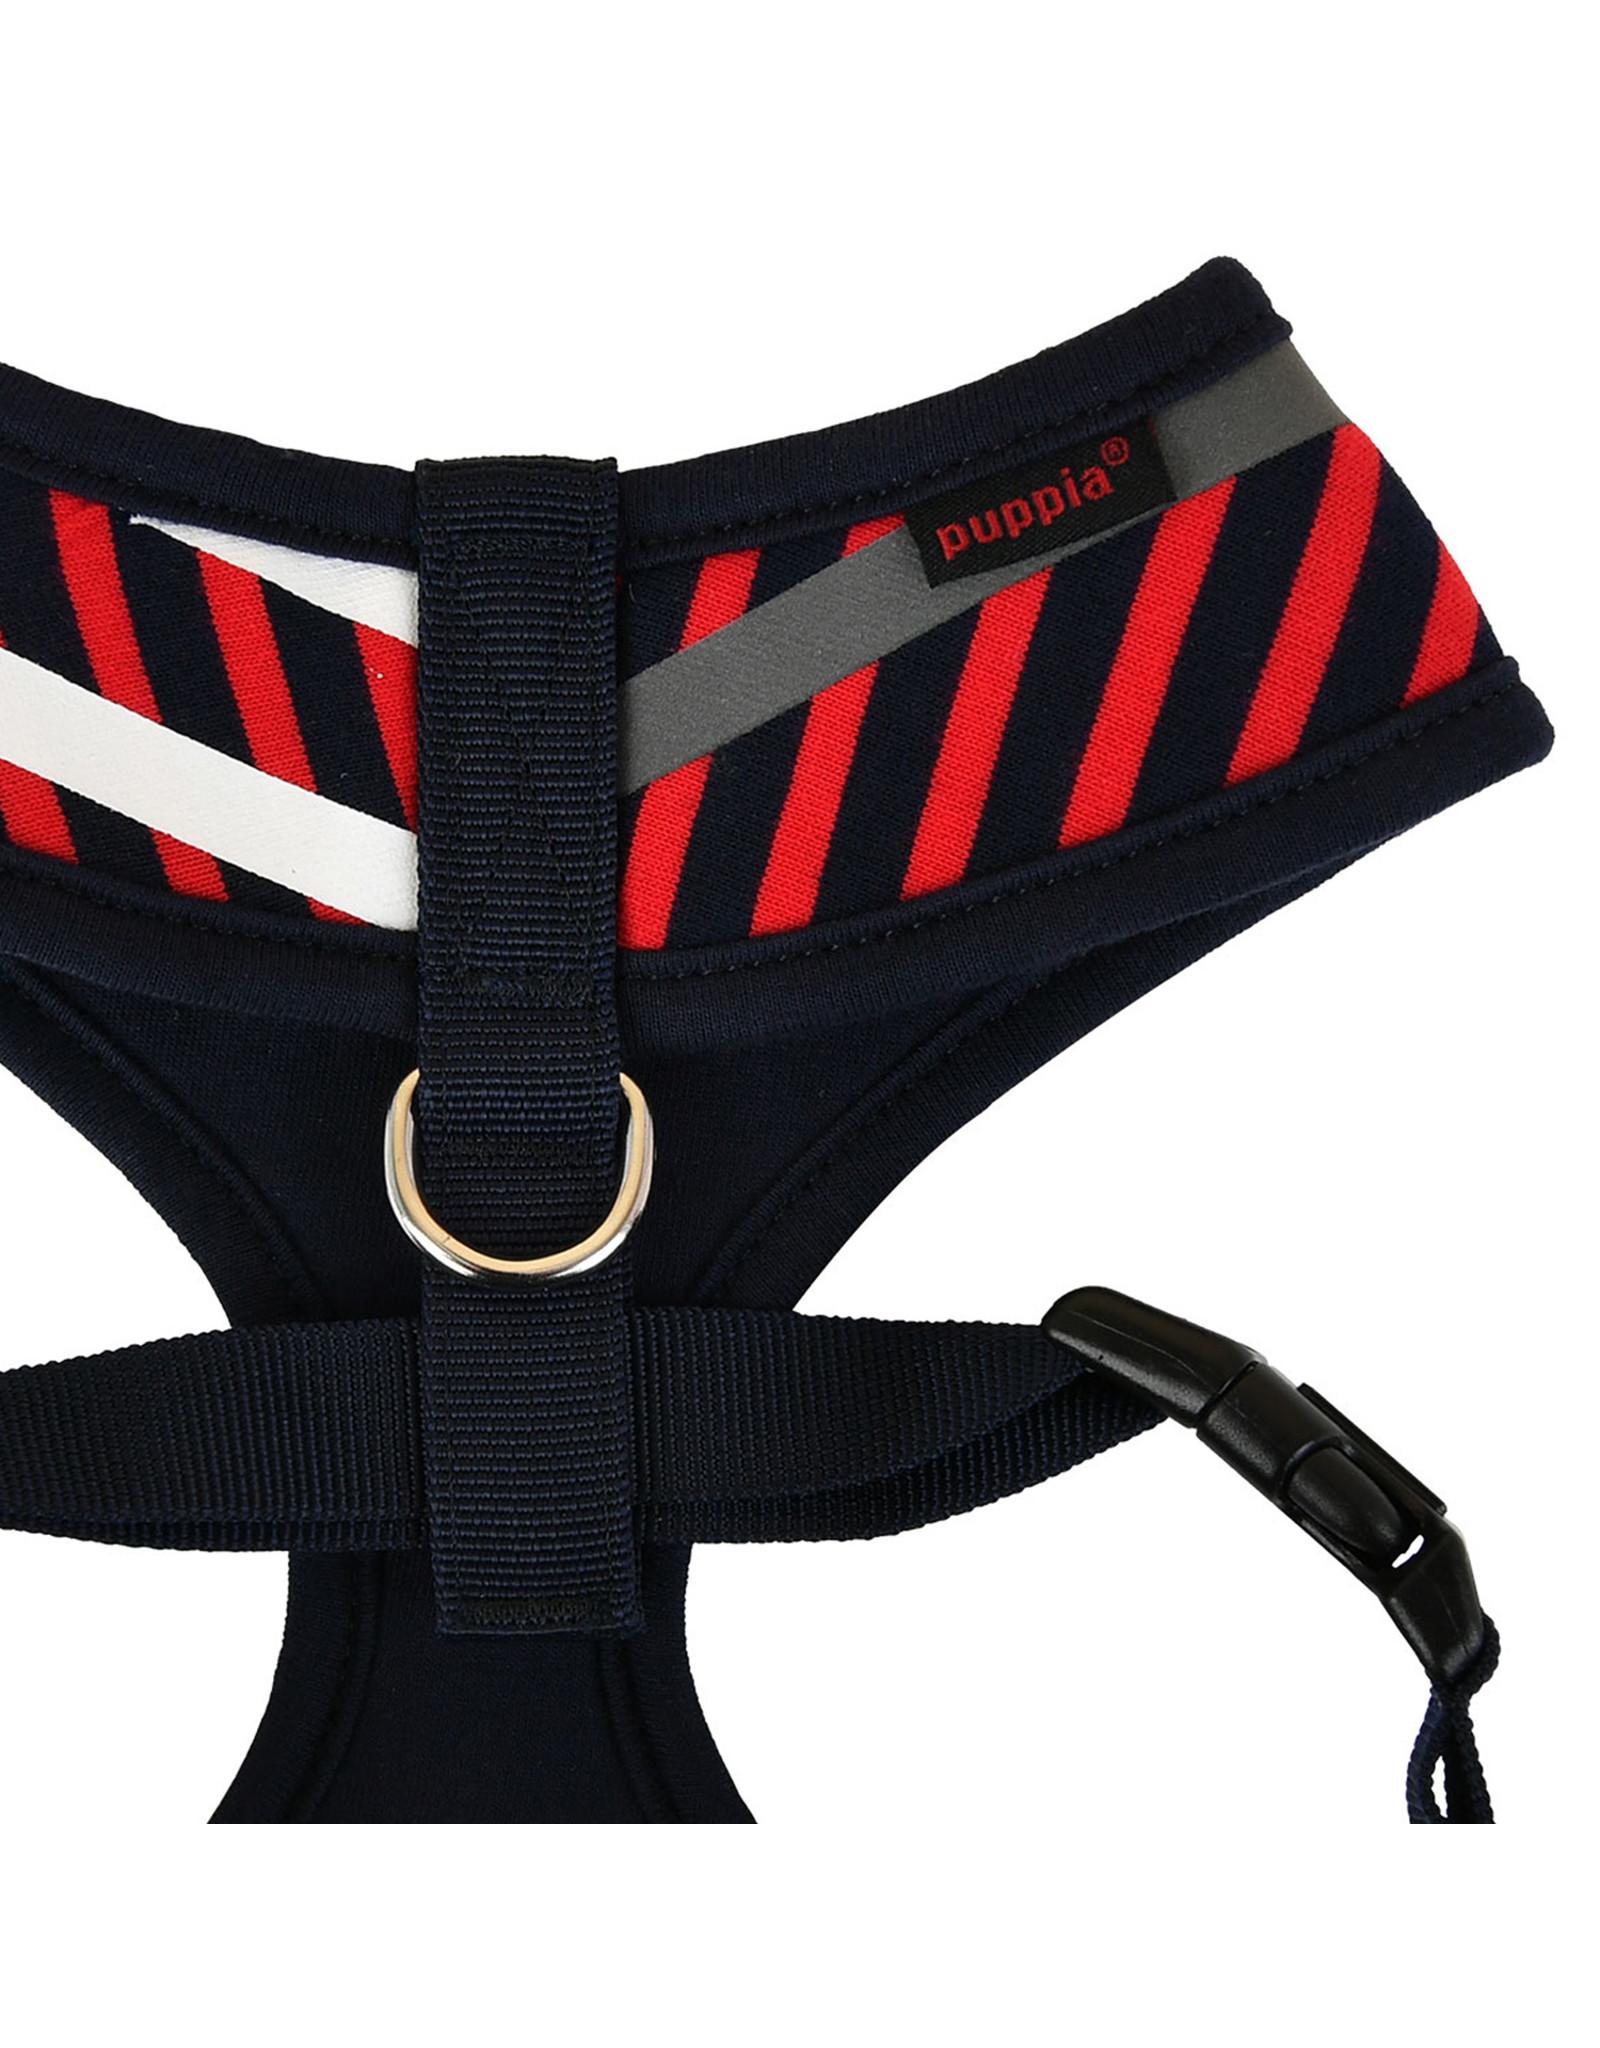 Puppia Puppia Briton Harness Model A Red